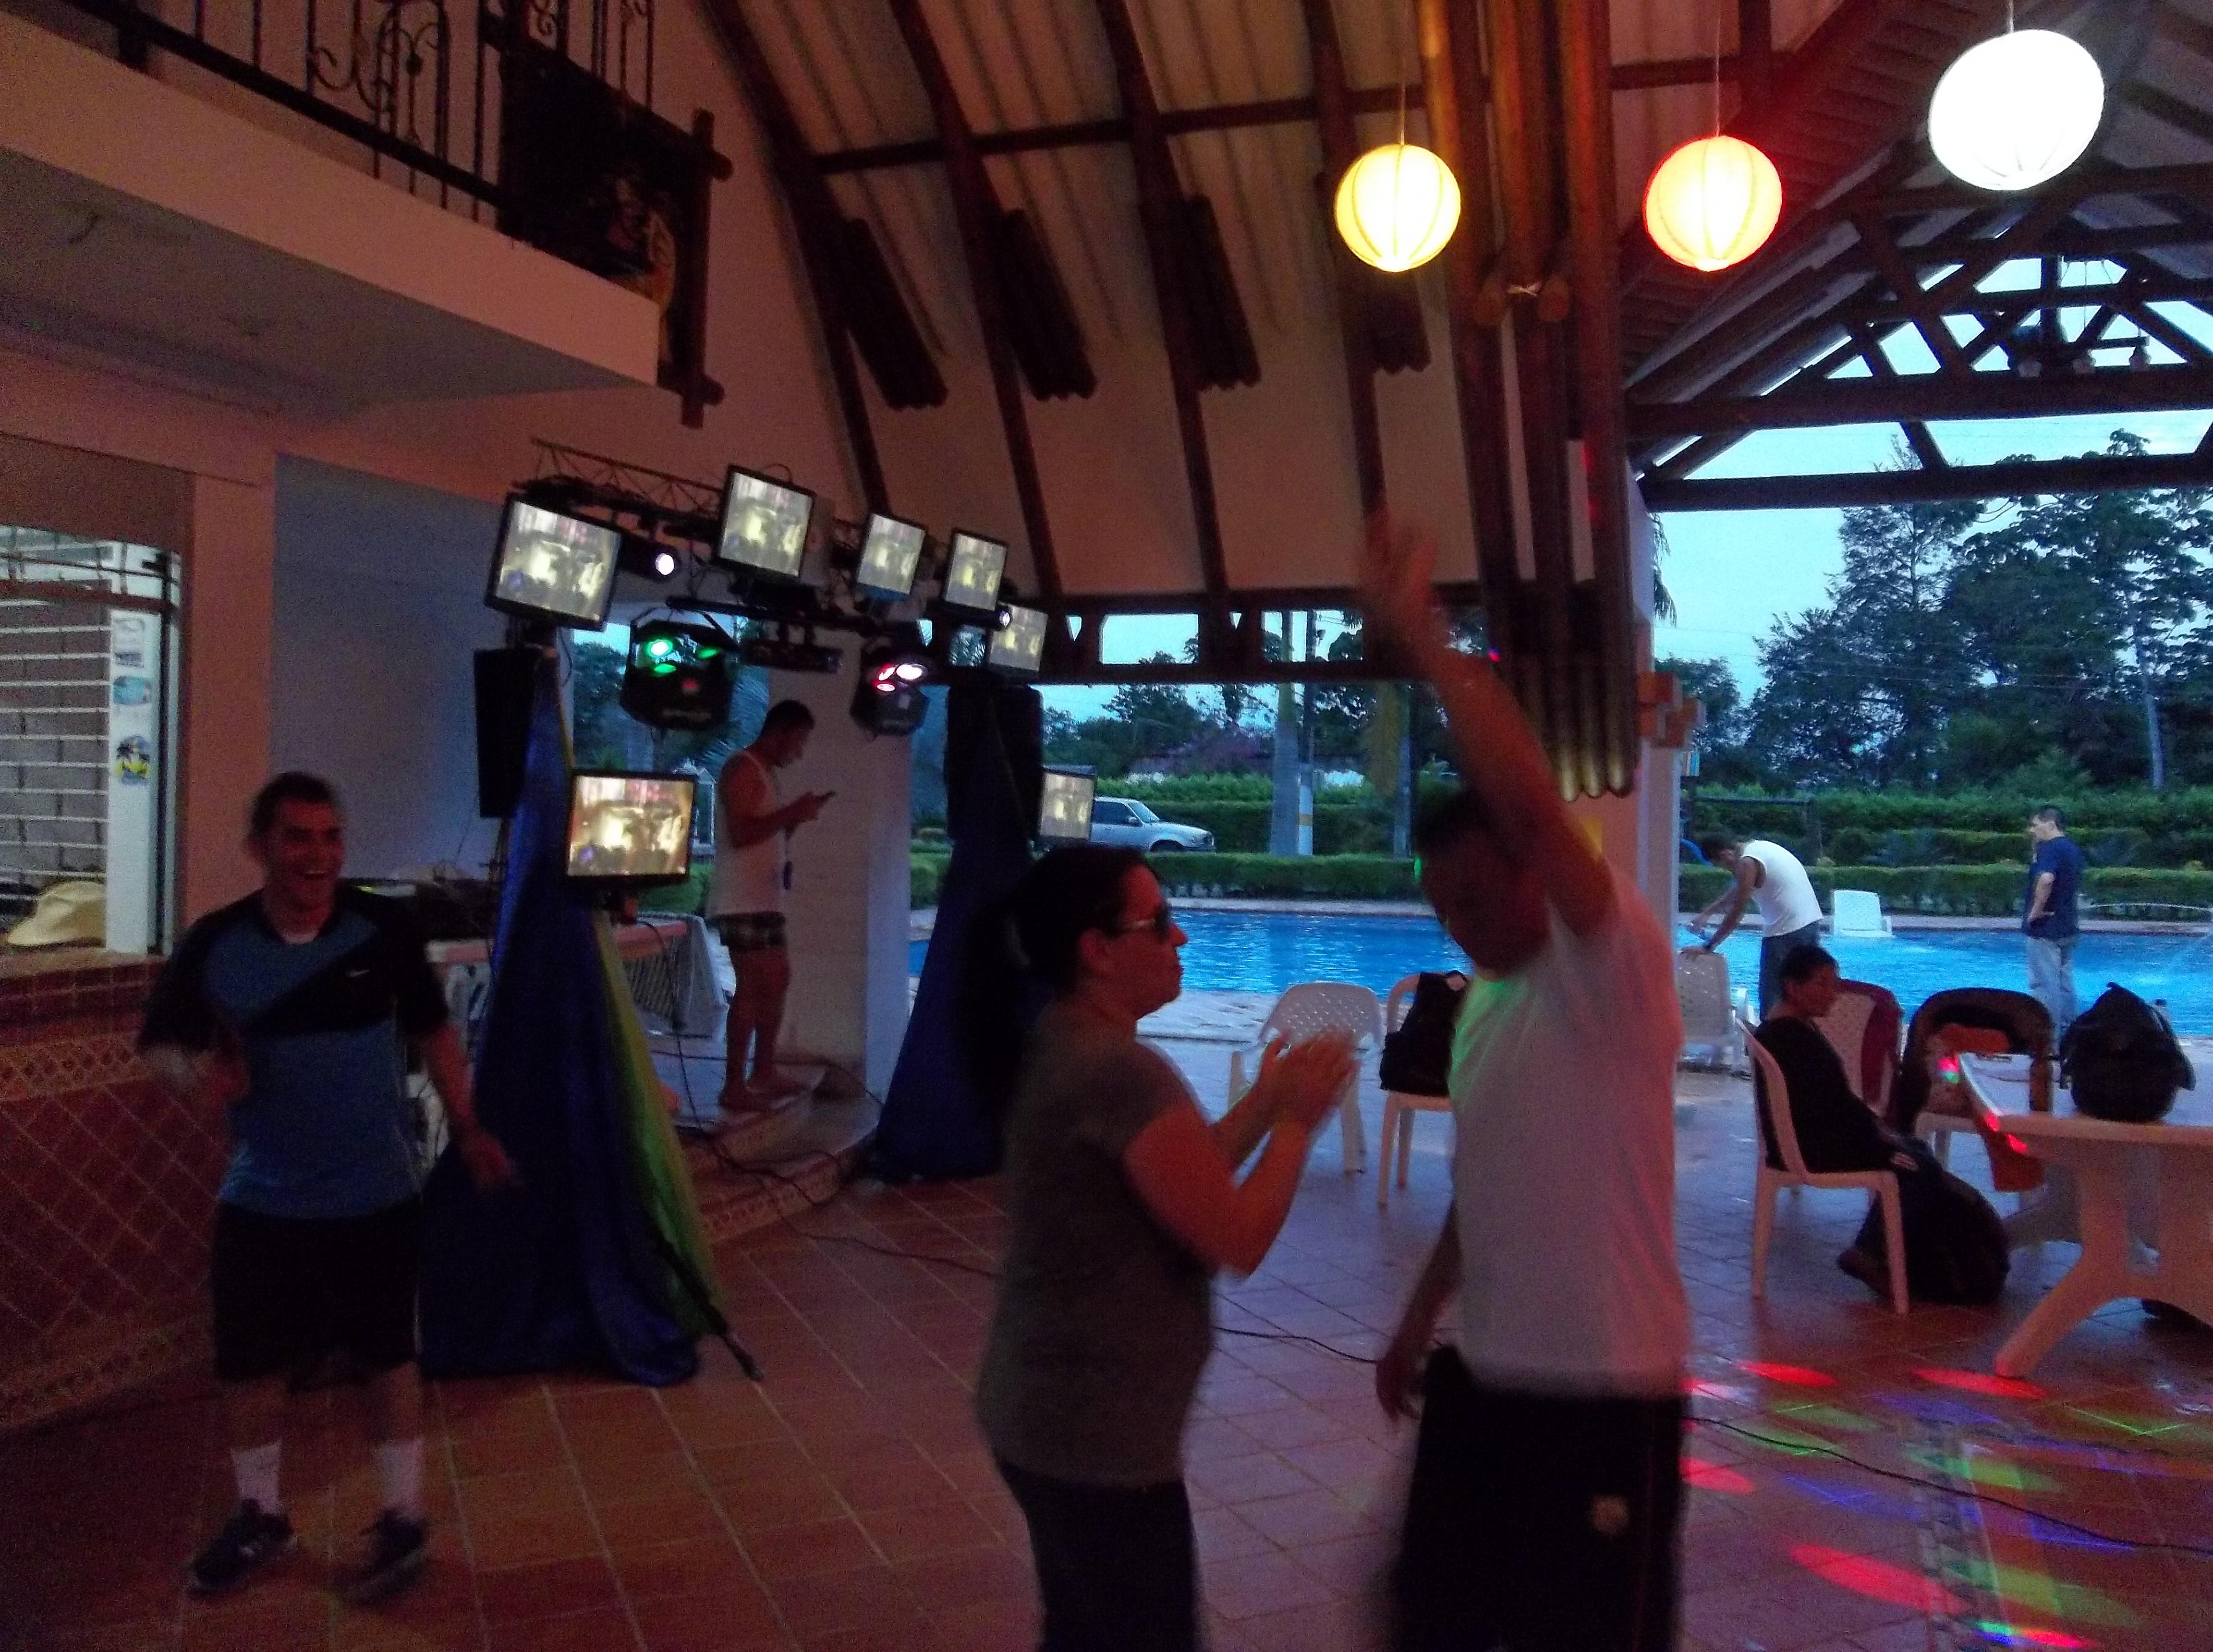 Alquiler de sonido luces y pantallas para fiestas y eventos 6